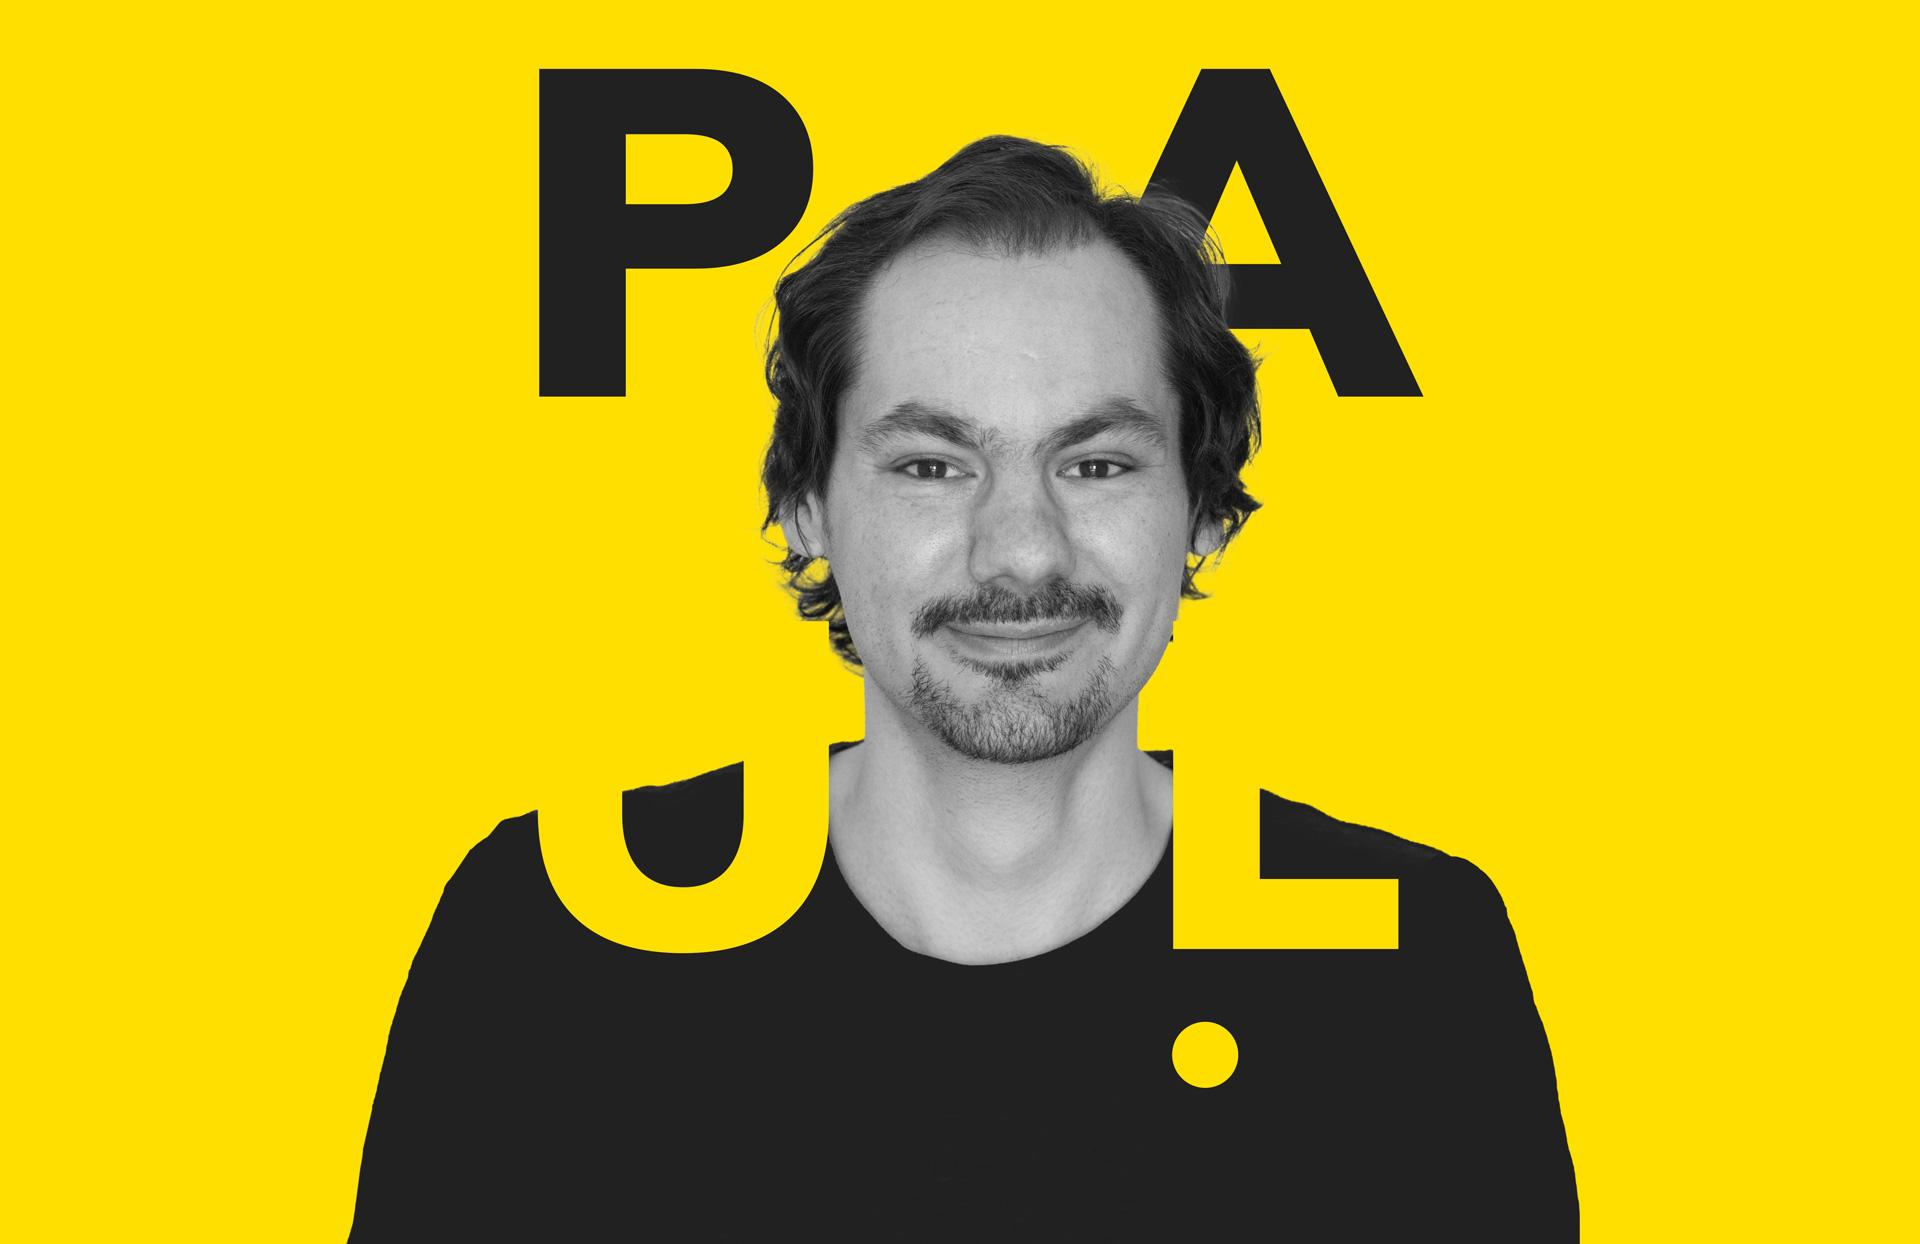 Paul V. Mayer